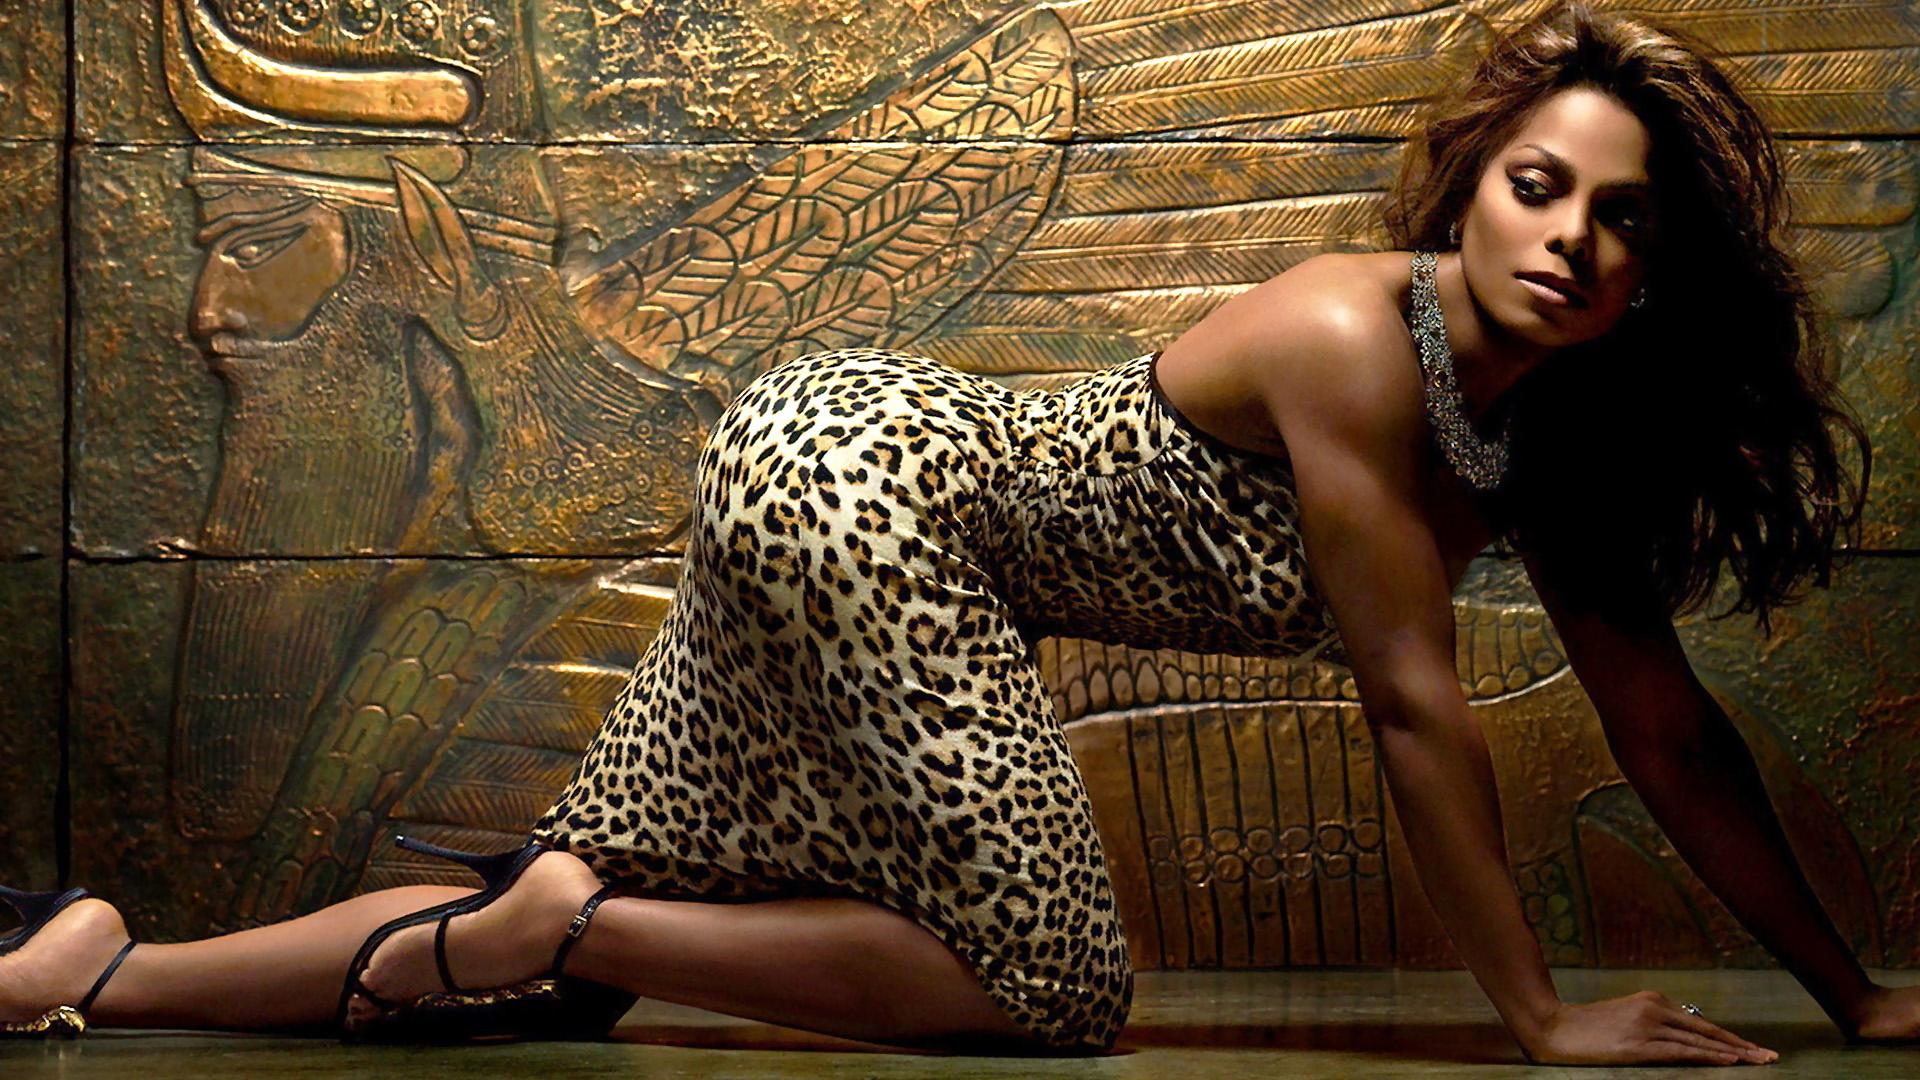 Janet Jackson Photoshoot